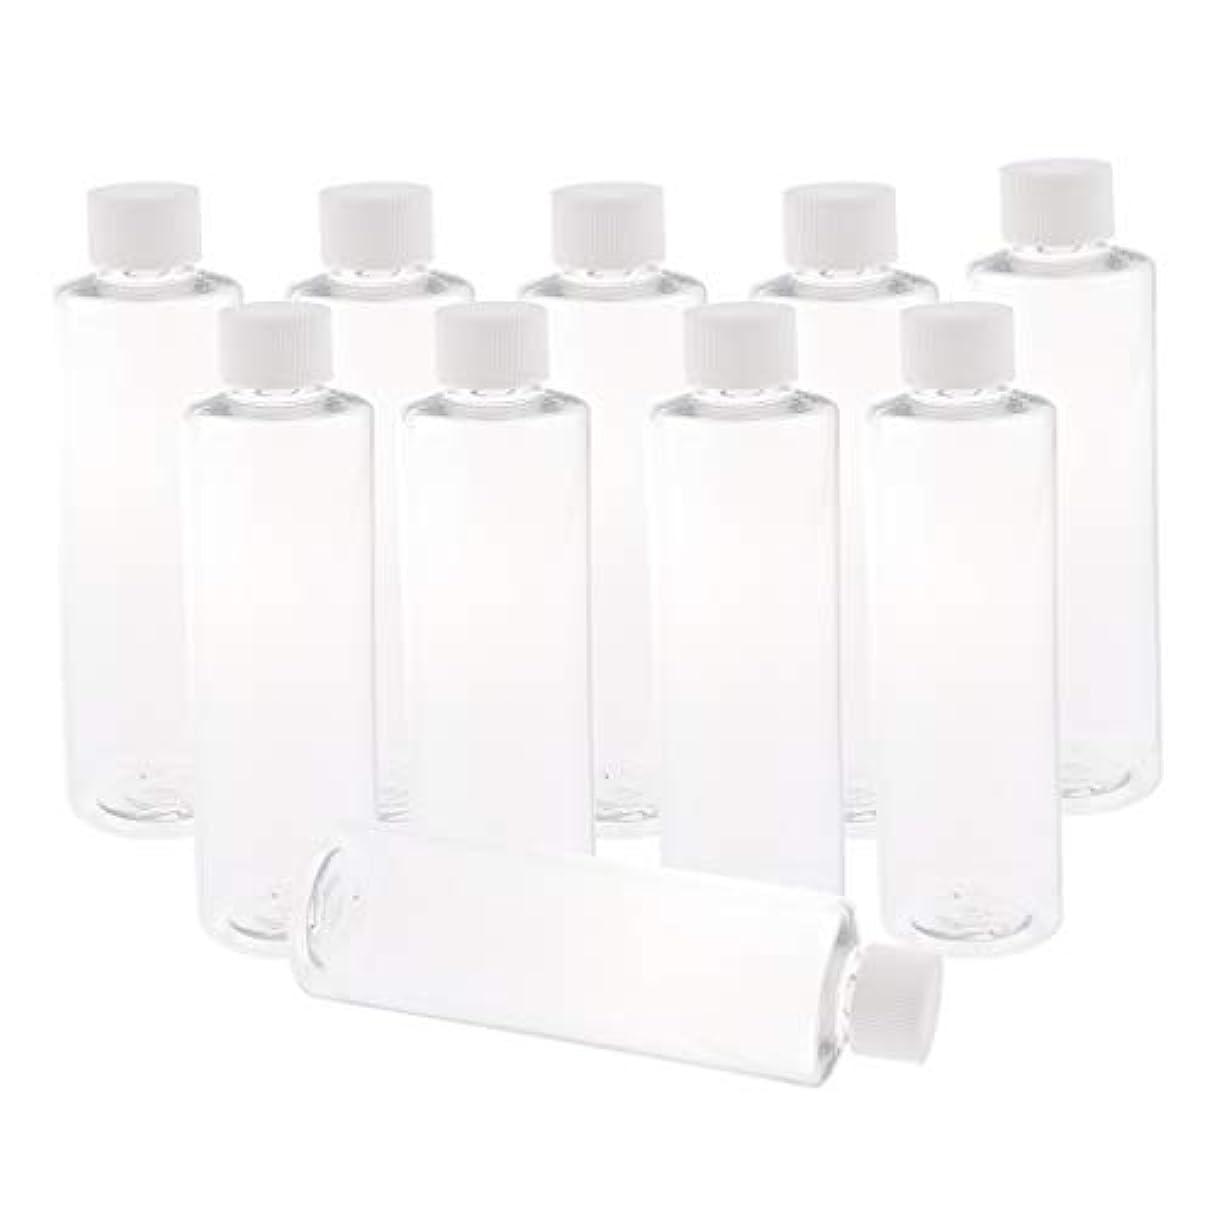 受け入れる盟主送るF Fityle 全3色 200ミリリットル PETボトル 空のボトル プラスチックボトル 詰替え容器 - ホワイトキャップ